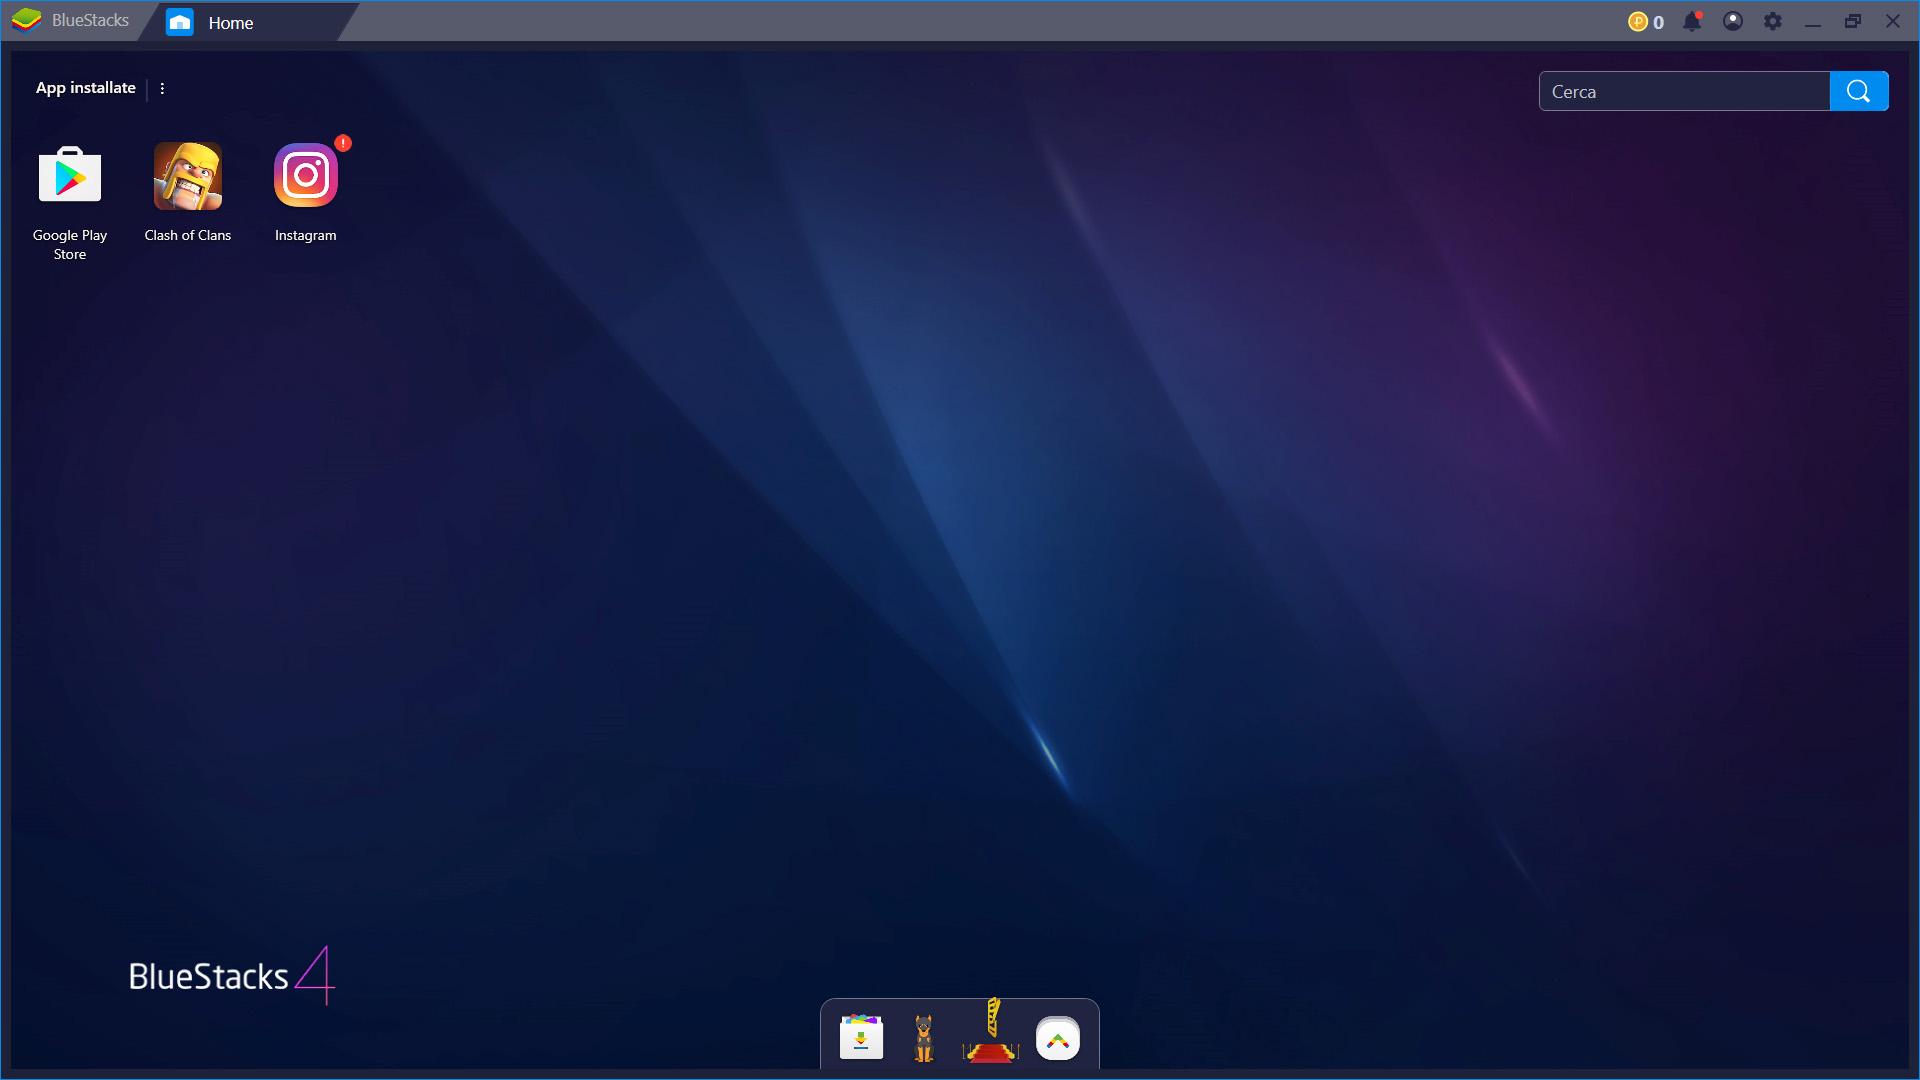 Emulatore Android Bluestacks - Installare App e giochi Android su PC